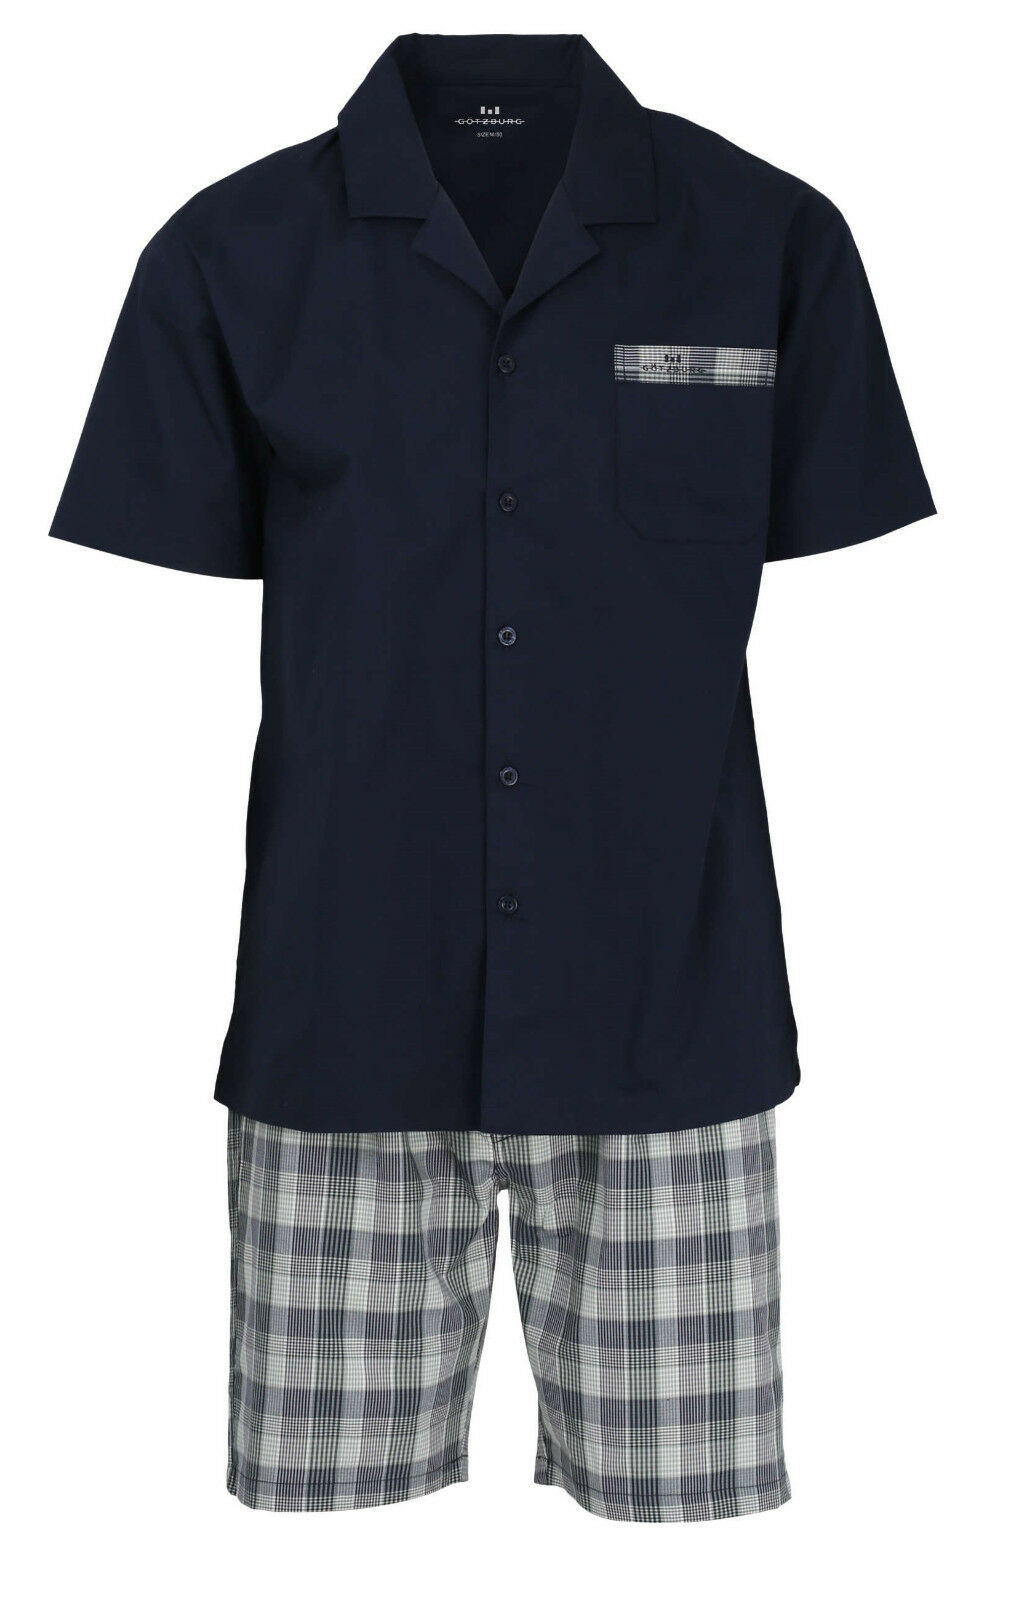 Götzburg Web-Schlafanzug Gr. XL Popelin-Pyjama Größe    54 grün kariert geknöpft | Hat einen langen Ruf  bac668